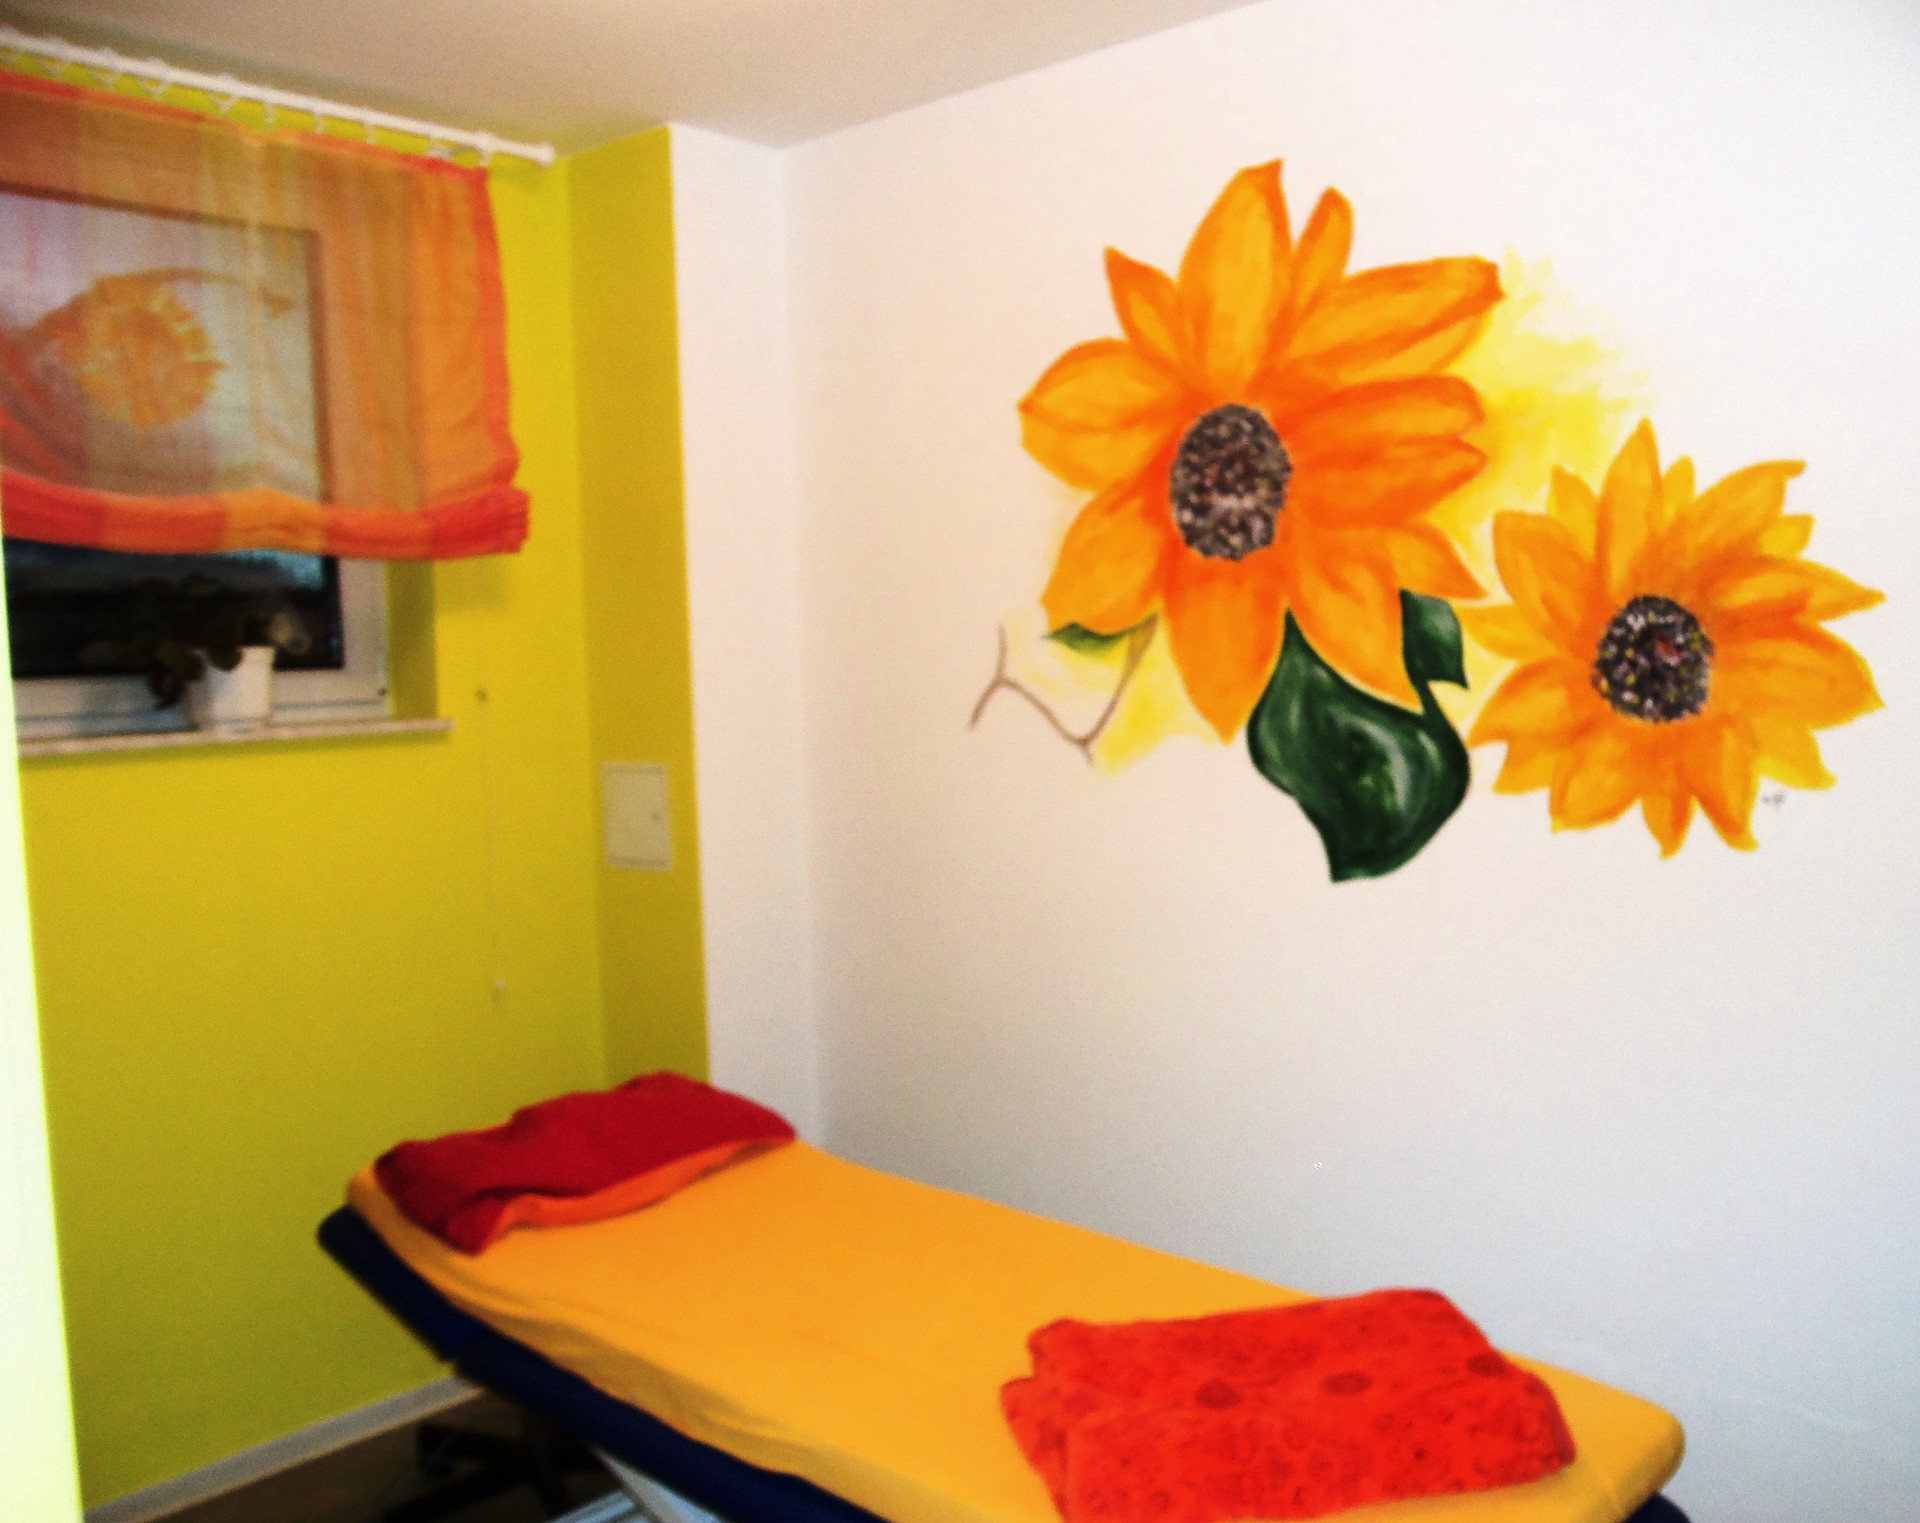 Behandlungsraum Sommer's Physiotherapie in Niederau